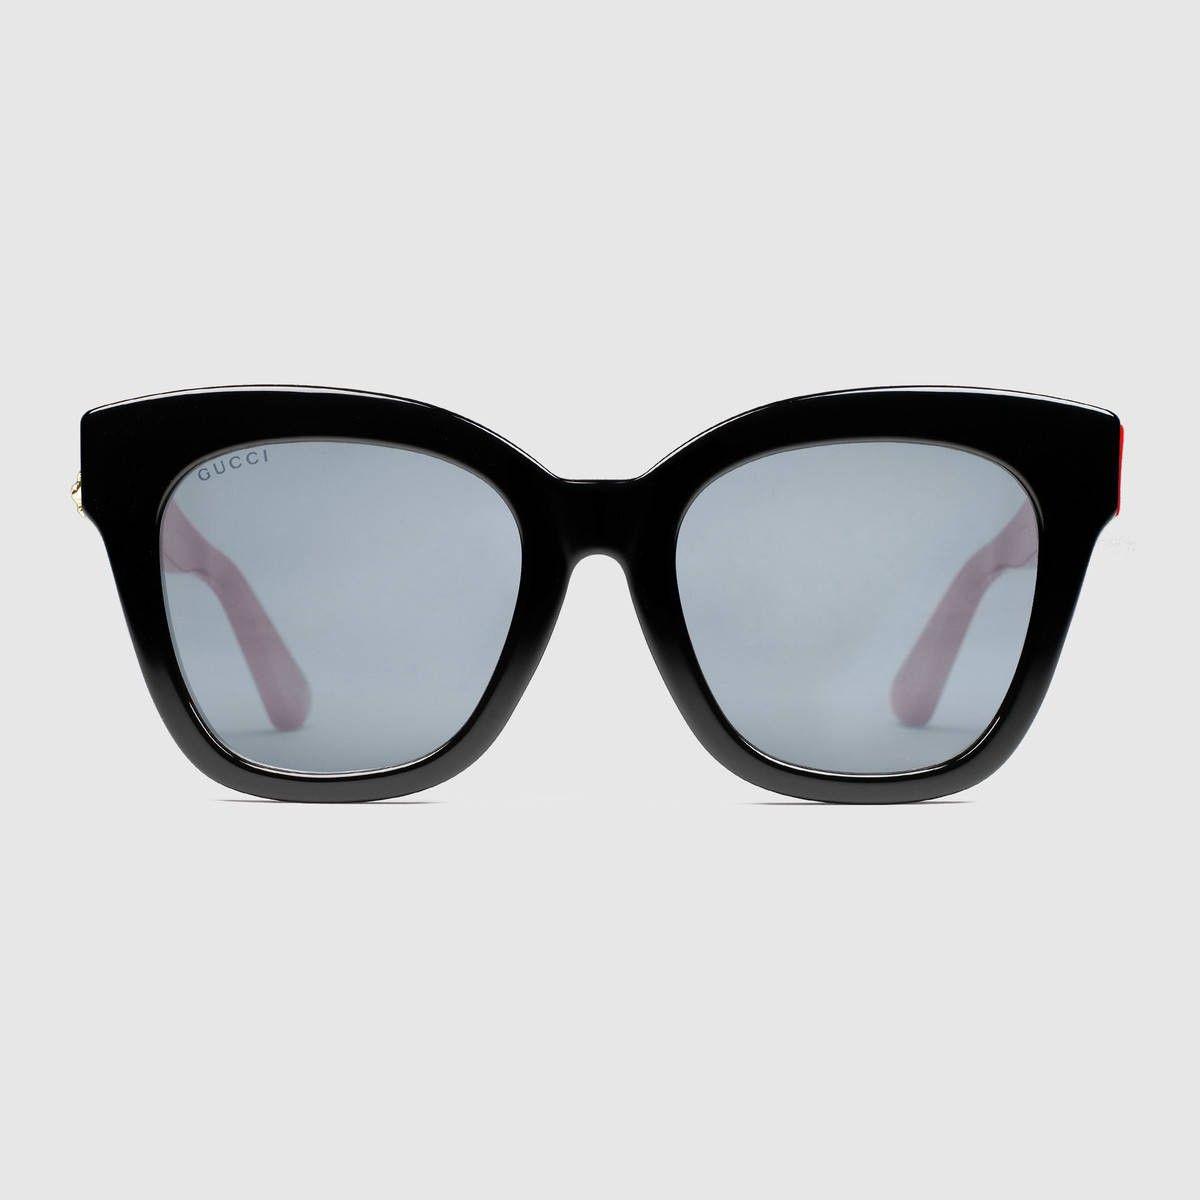 661ae06e5c4 GUCCI Specialized Fit Oversize Cat Eye Acetate Sunglasses - Black Acetate.   gucci  all